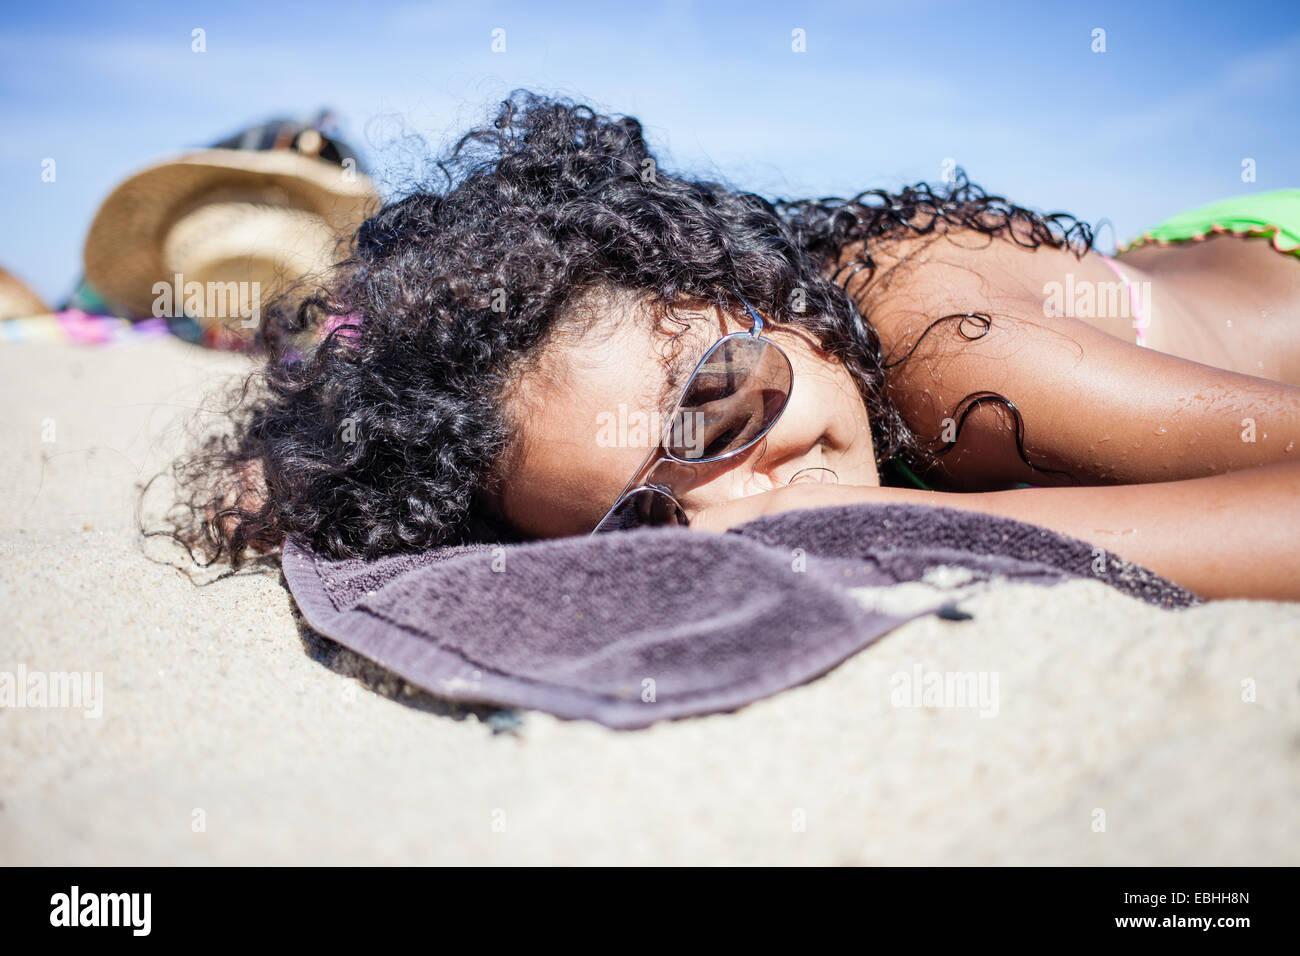 Ragazza a prendere il sole sulla spiaggia, Truro, Massachusetts, Cape Cod, STATI UNITI D'AMERICA Immagini Stock